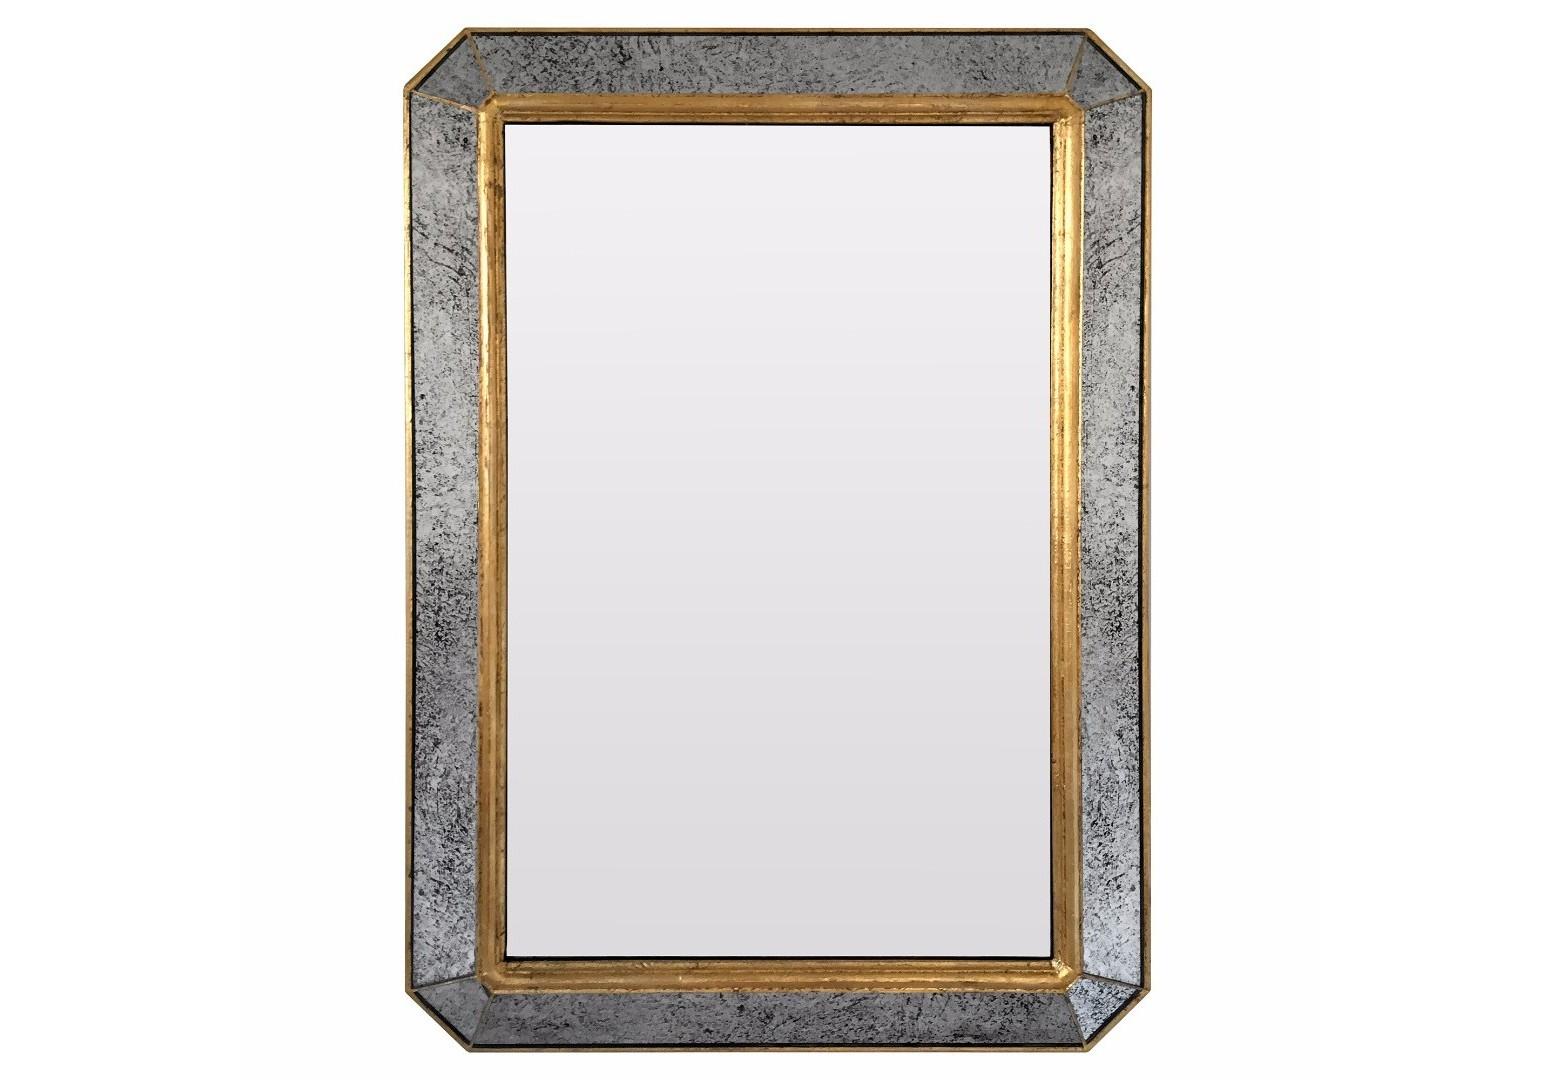 Зеркало Royal Happiness GoldНастенные зеркала<br>Коллекции B-Home – это дизайнерские зеркала, зеркальная мебель и предметы интерьера. Все изделия от и до мы создаем сами в нашей мастерской. Каждое – это уникальное произведение, арт-объект со своей историей и мелодией. Мы следим за современными трендами, лично отбираем лучшие материалы и каждый день трудимся над созданием новых шедевров, которые будут радовать вас. Если вы ищете что-то действительно качественное, стоящее и эксклюзивное, что сделано с душой и руками человека, BountyHome придется вам по вкусу!&amp;lt;div&amp;gt;&amp;lt;br&amp;gt;&amp;lt;/div&amp;gt;&amp;lt;div&amp;gt;Материал: массив дерева, состаренное зеркало, классическое зеркало.&amp;lt;br&amp;gt;&amp;lt;/div&amp;gt;<br><br>Material: Дерево<br>Ширина см: 57.0<br>Высота см: 81.0<br>Глубина см: 4.0